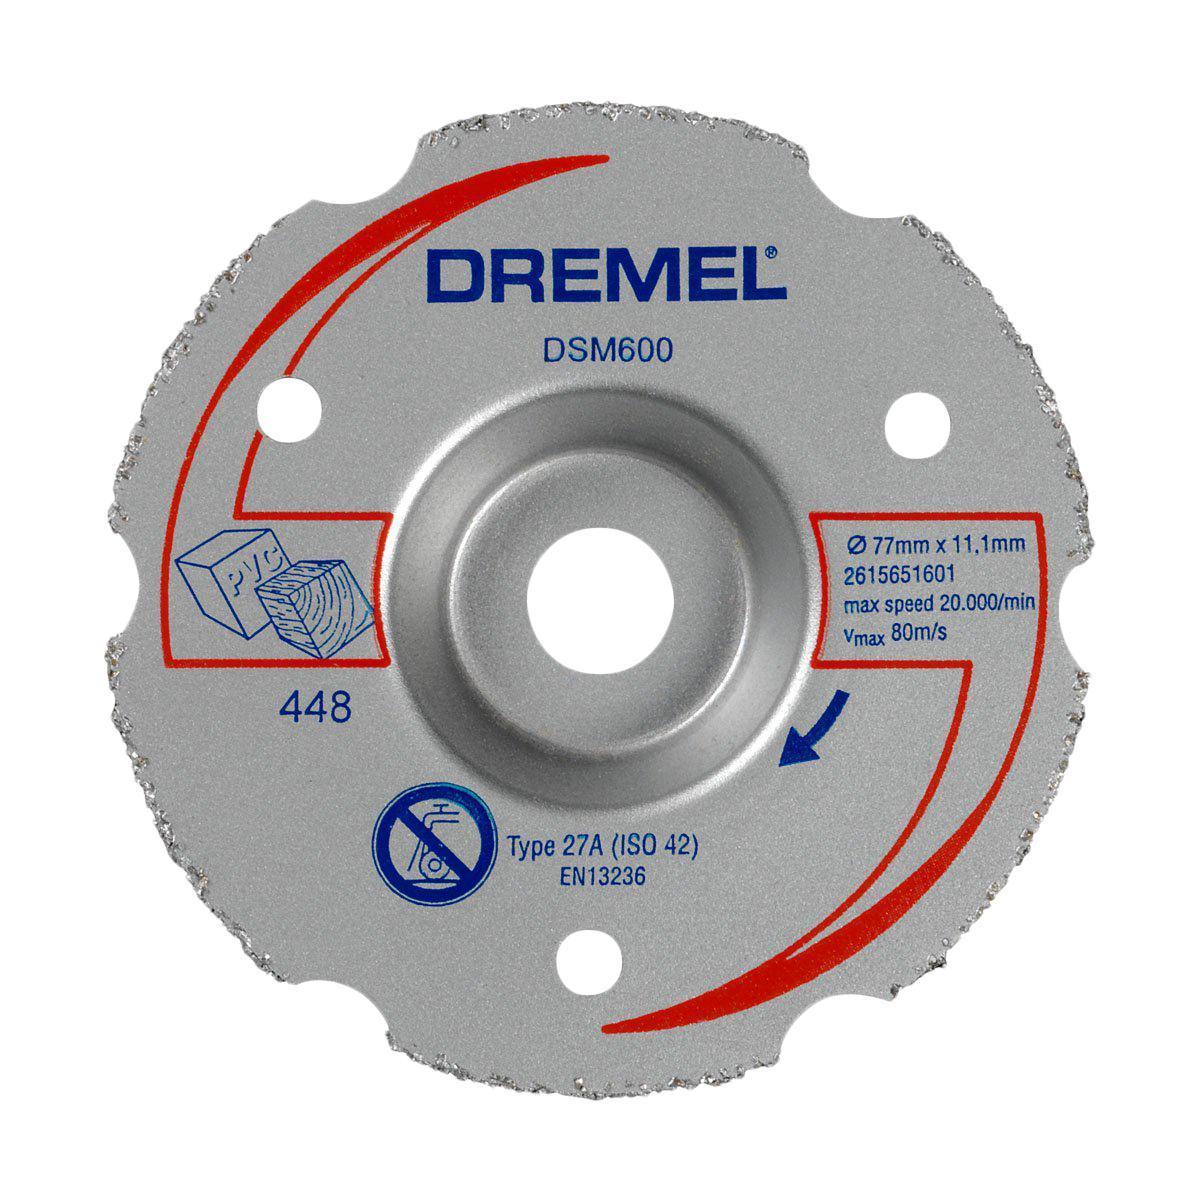 цена на Диск для резки дерева Dremel DSM600 для пилы Dremel DSM20